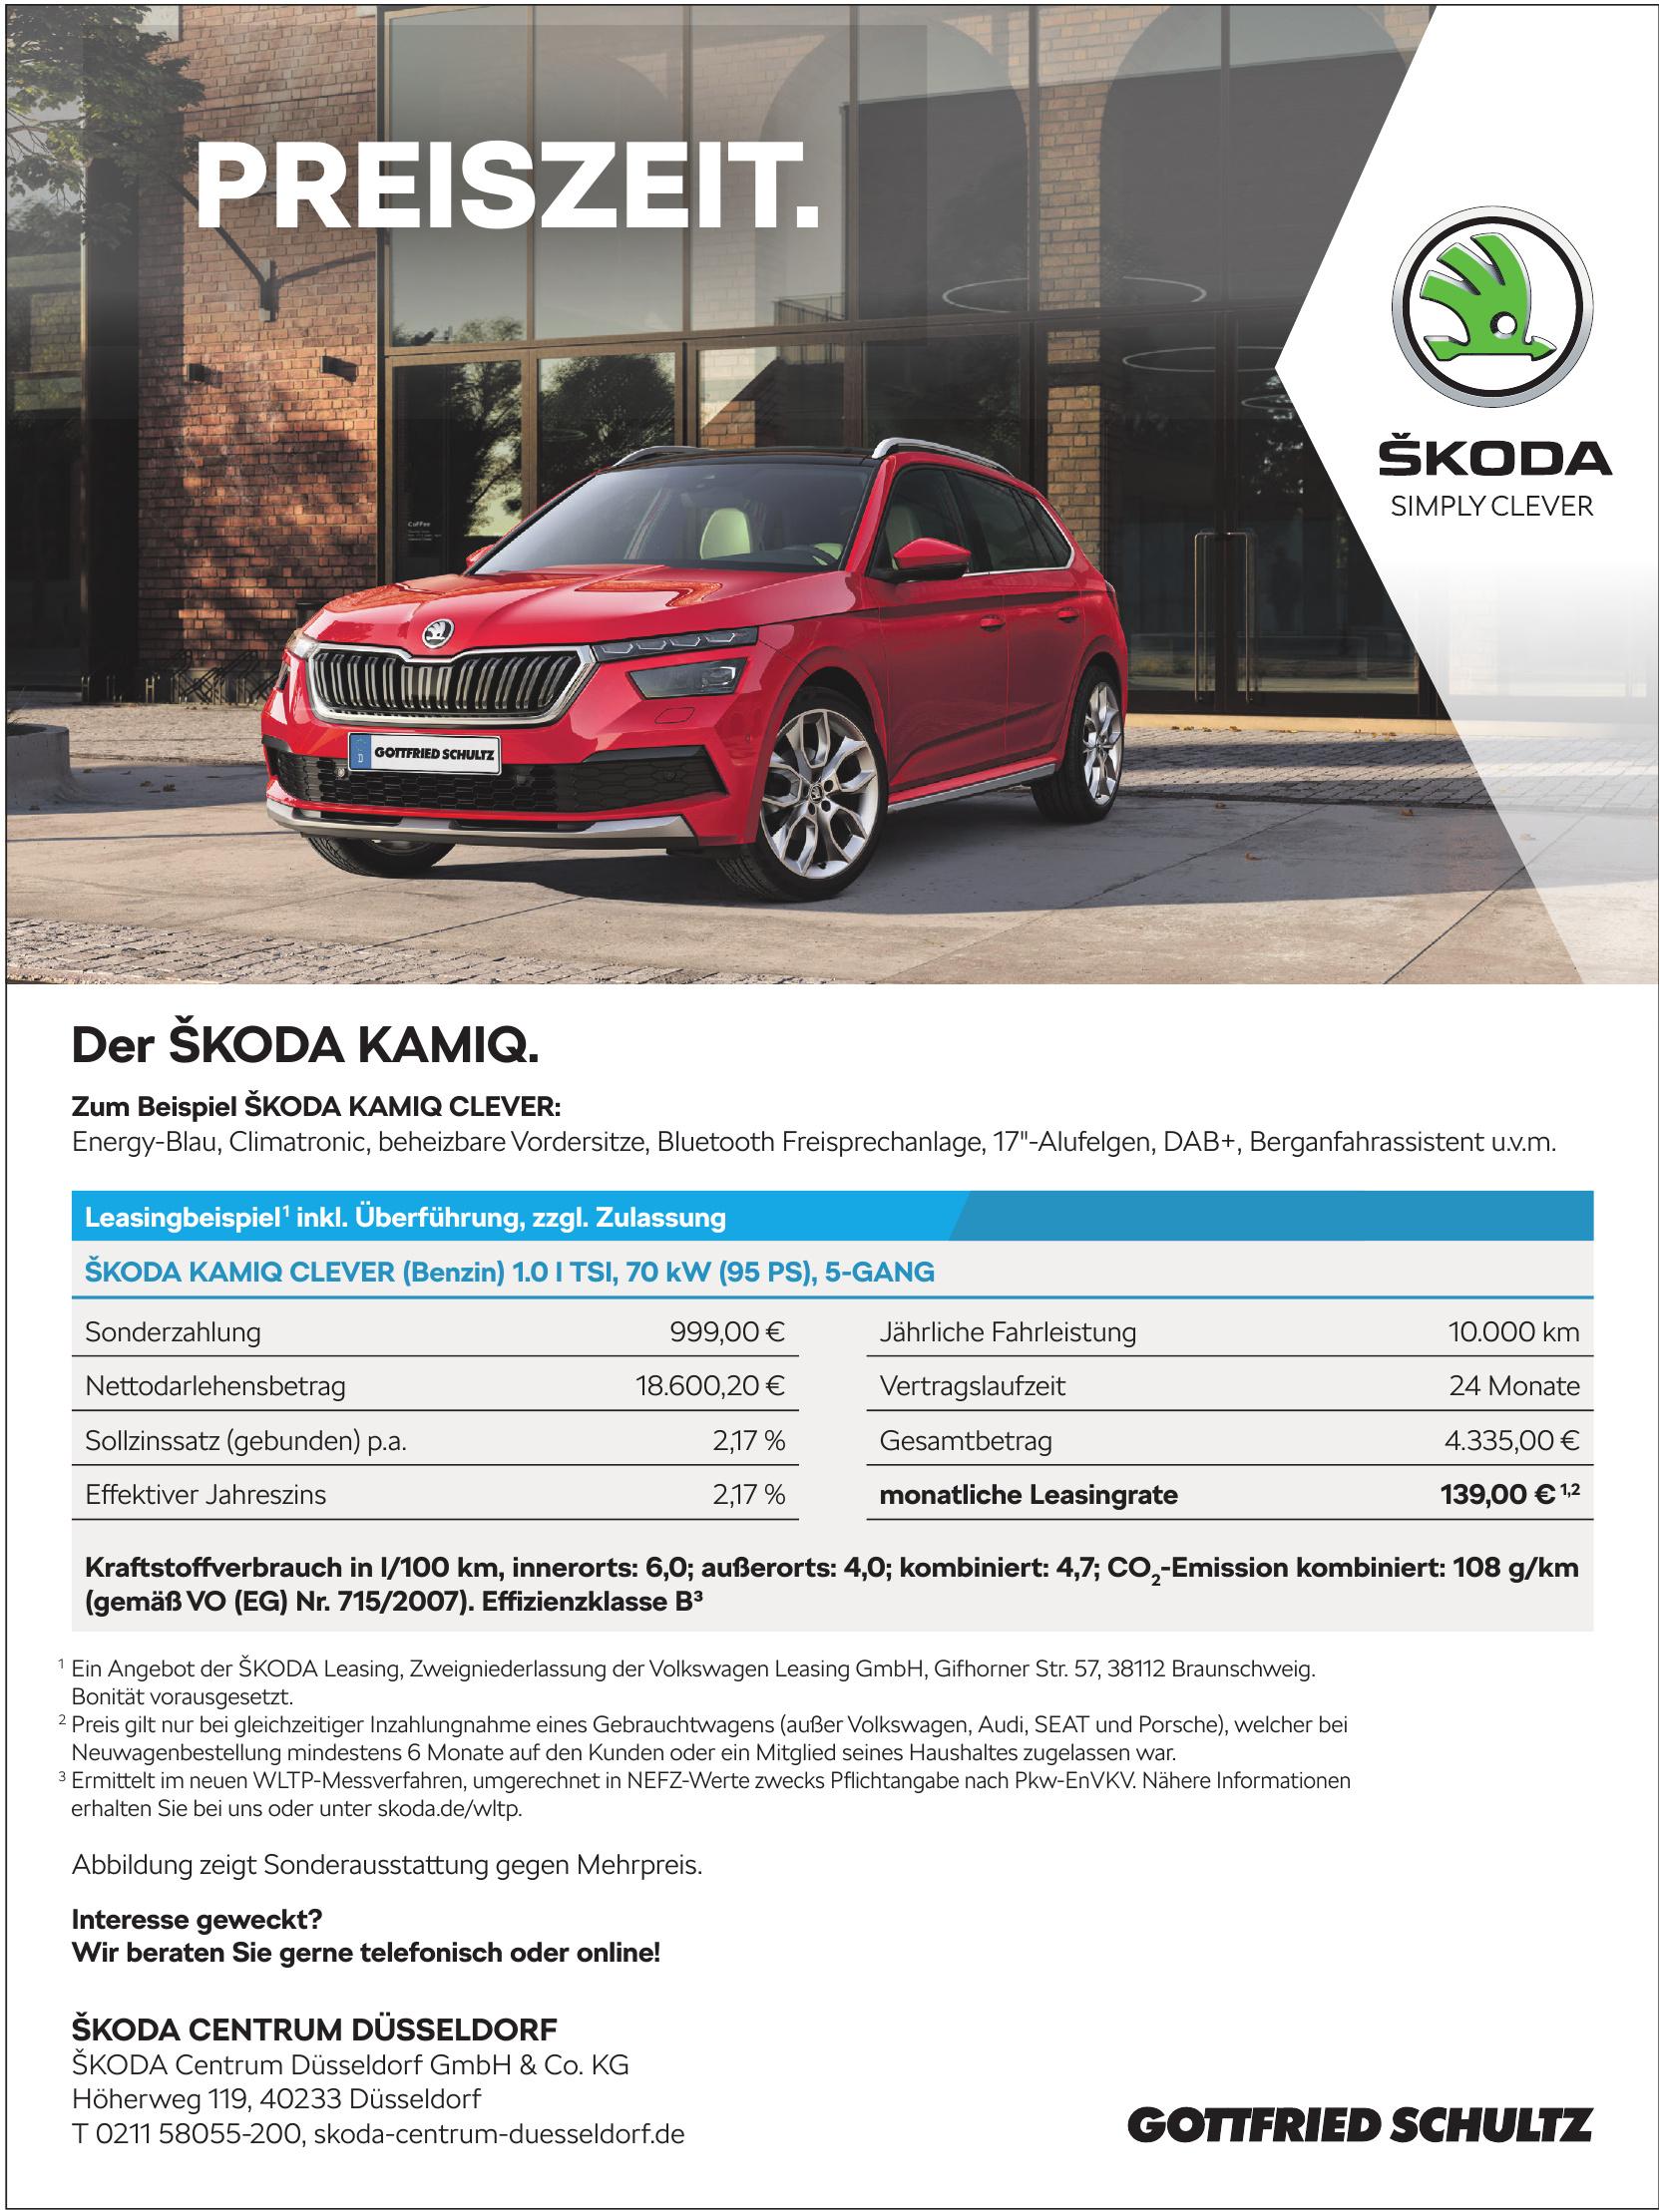 ŠKODA Centrum Düsseldorf GmbH & Co. KG - Gottfried Schultz